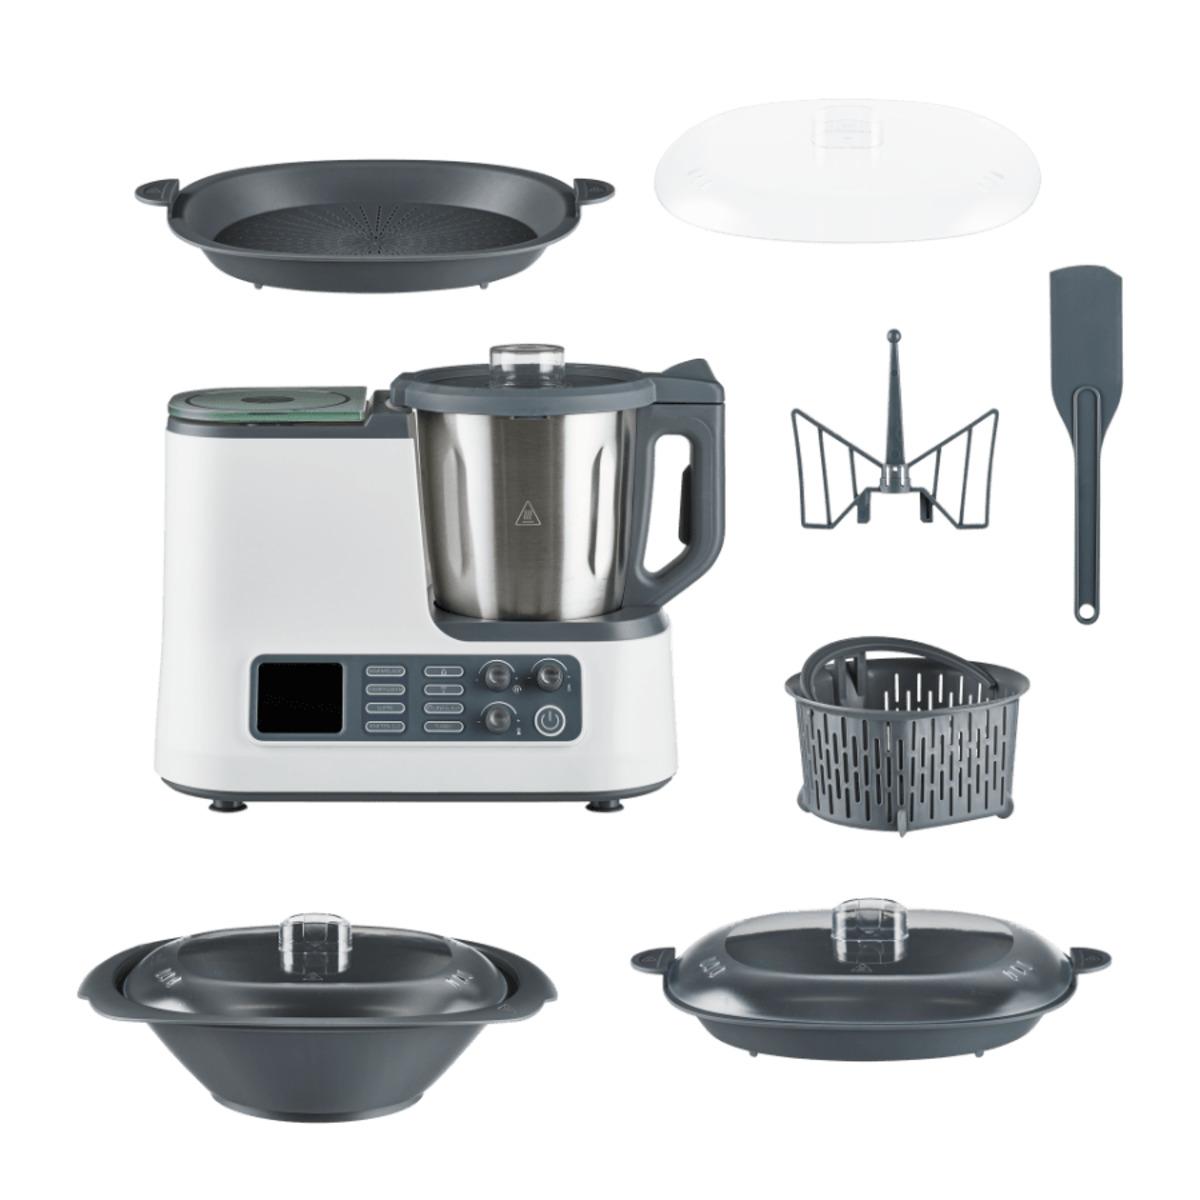 Küchenmaschine Mit Wlan Funktion 2021